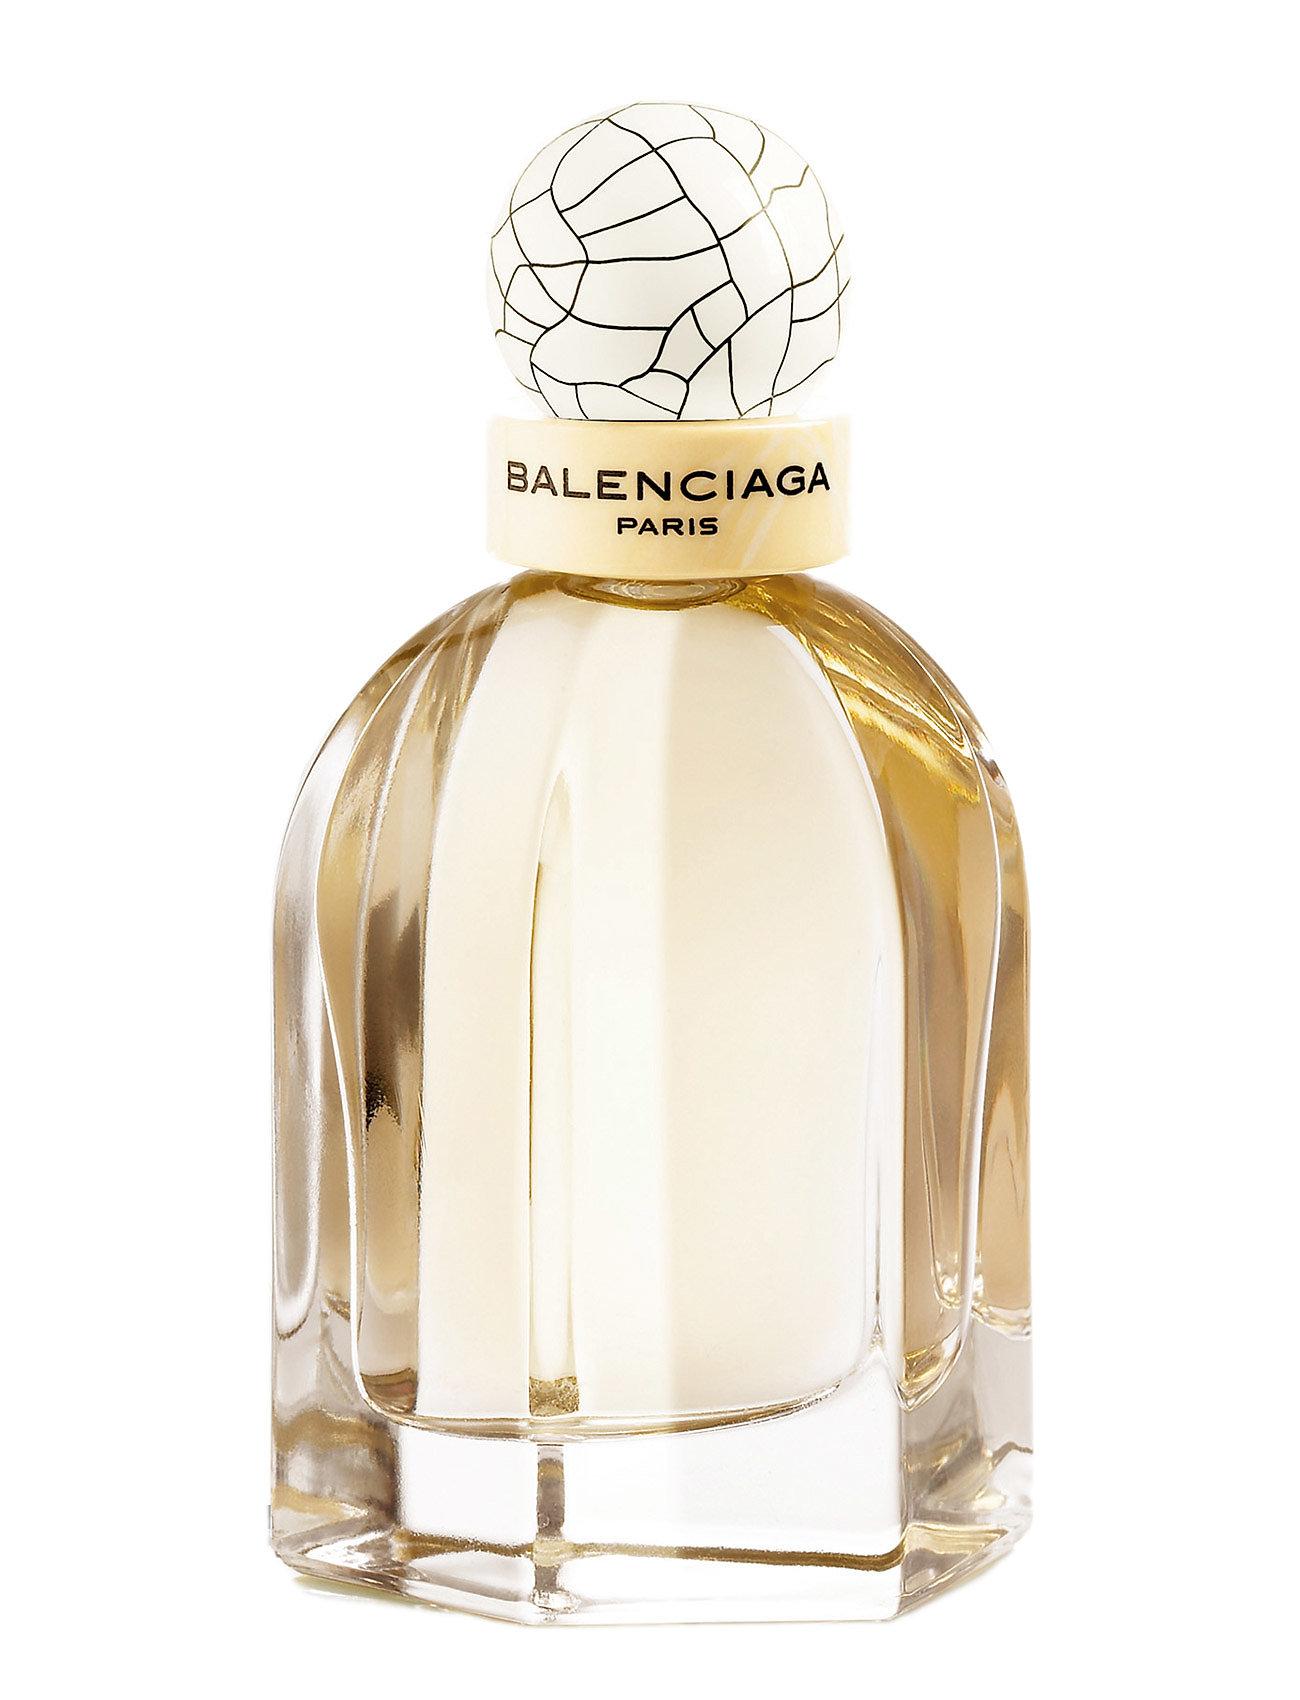 balenciaga – Balenciaga balenciaga eau de parfum på boozt.com dk